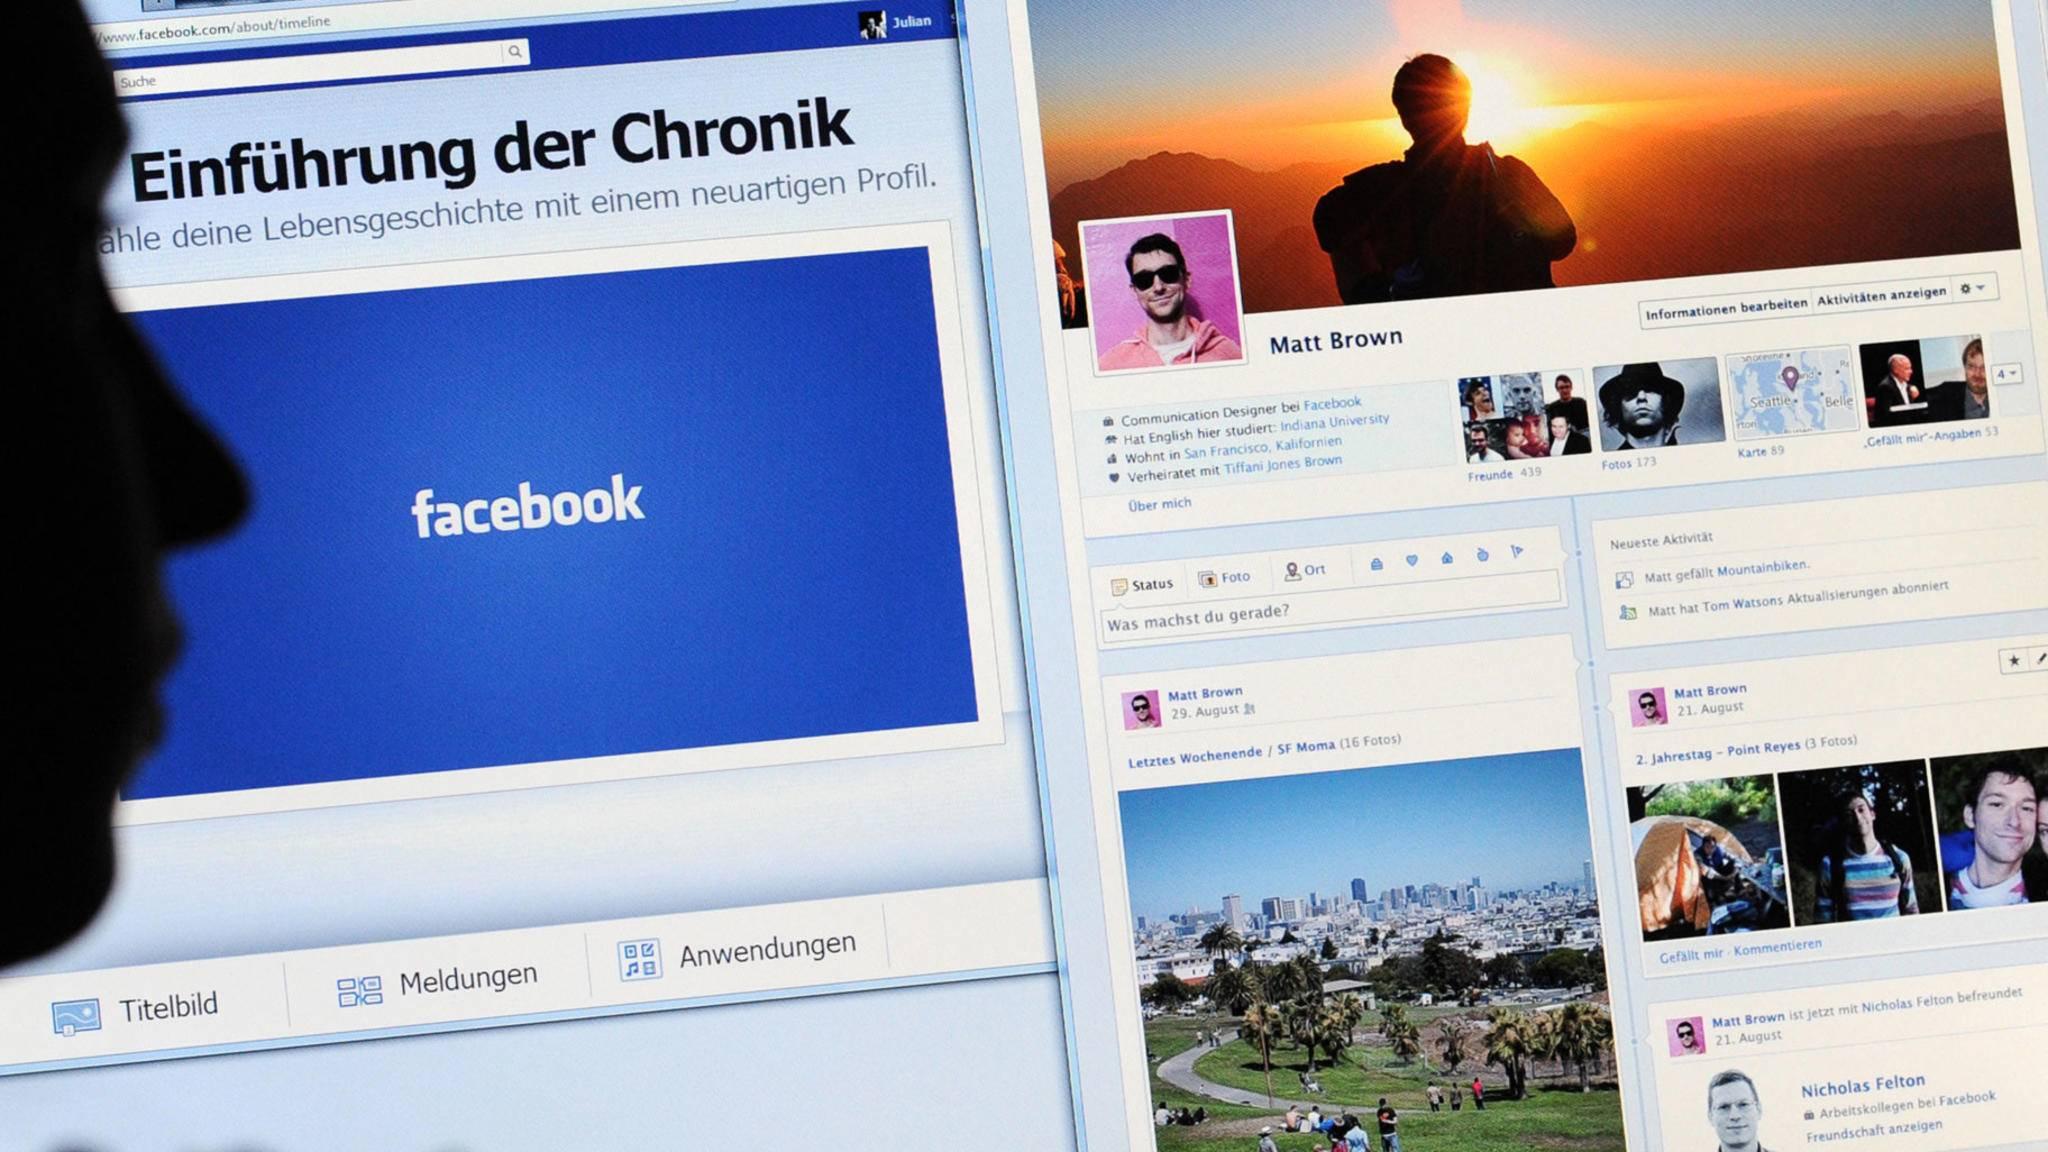 Die gesamte Facebook-Chronik löschen: Eine Anleitung